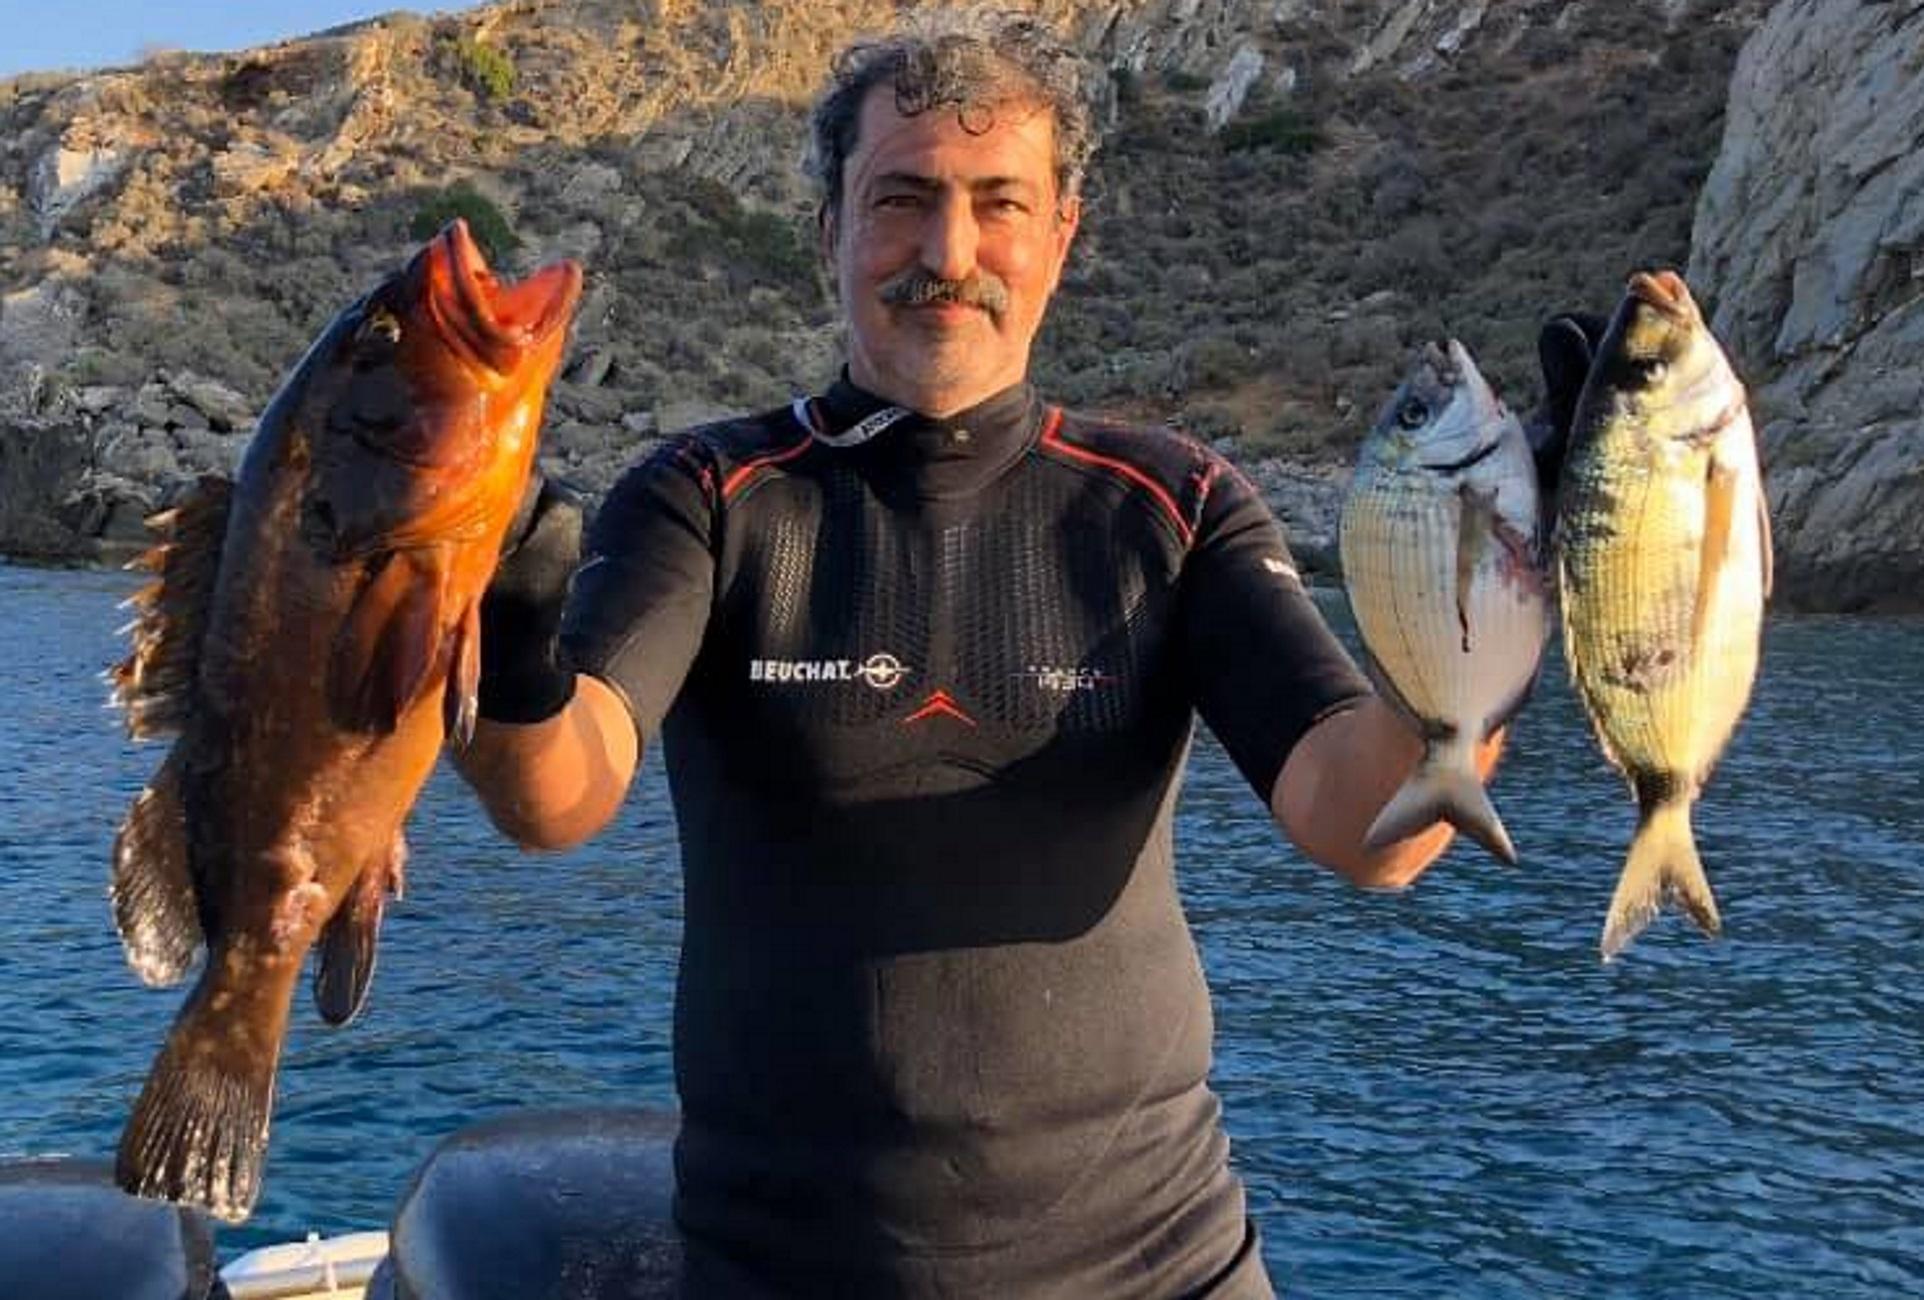 Κρήτη: Τα ψάρια που έπιασε και έφαγε ο Παύλος Πολάκης! Οι φωτογραφίες και το σχόλιο